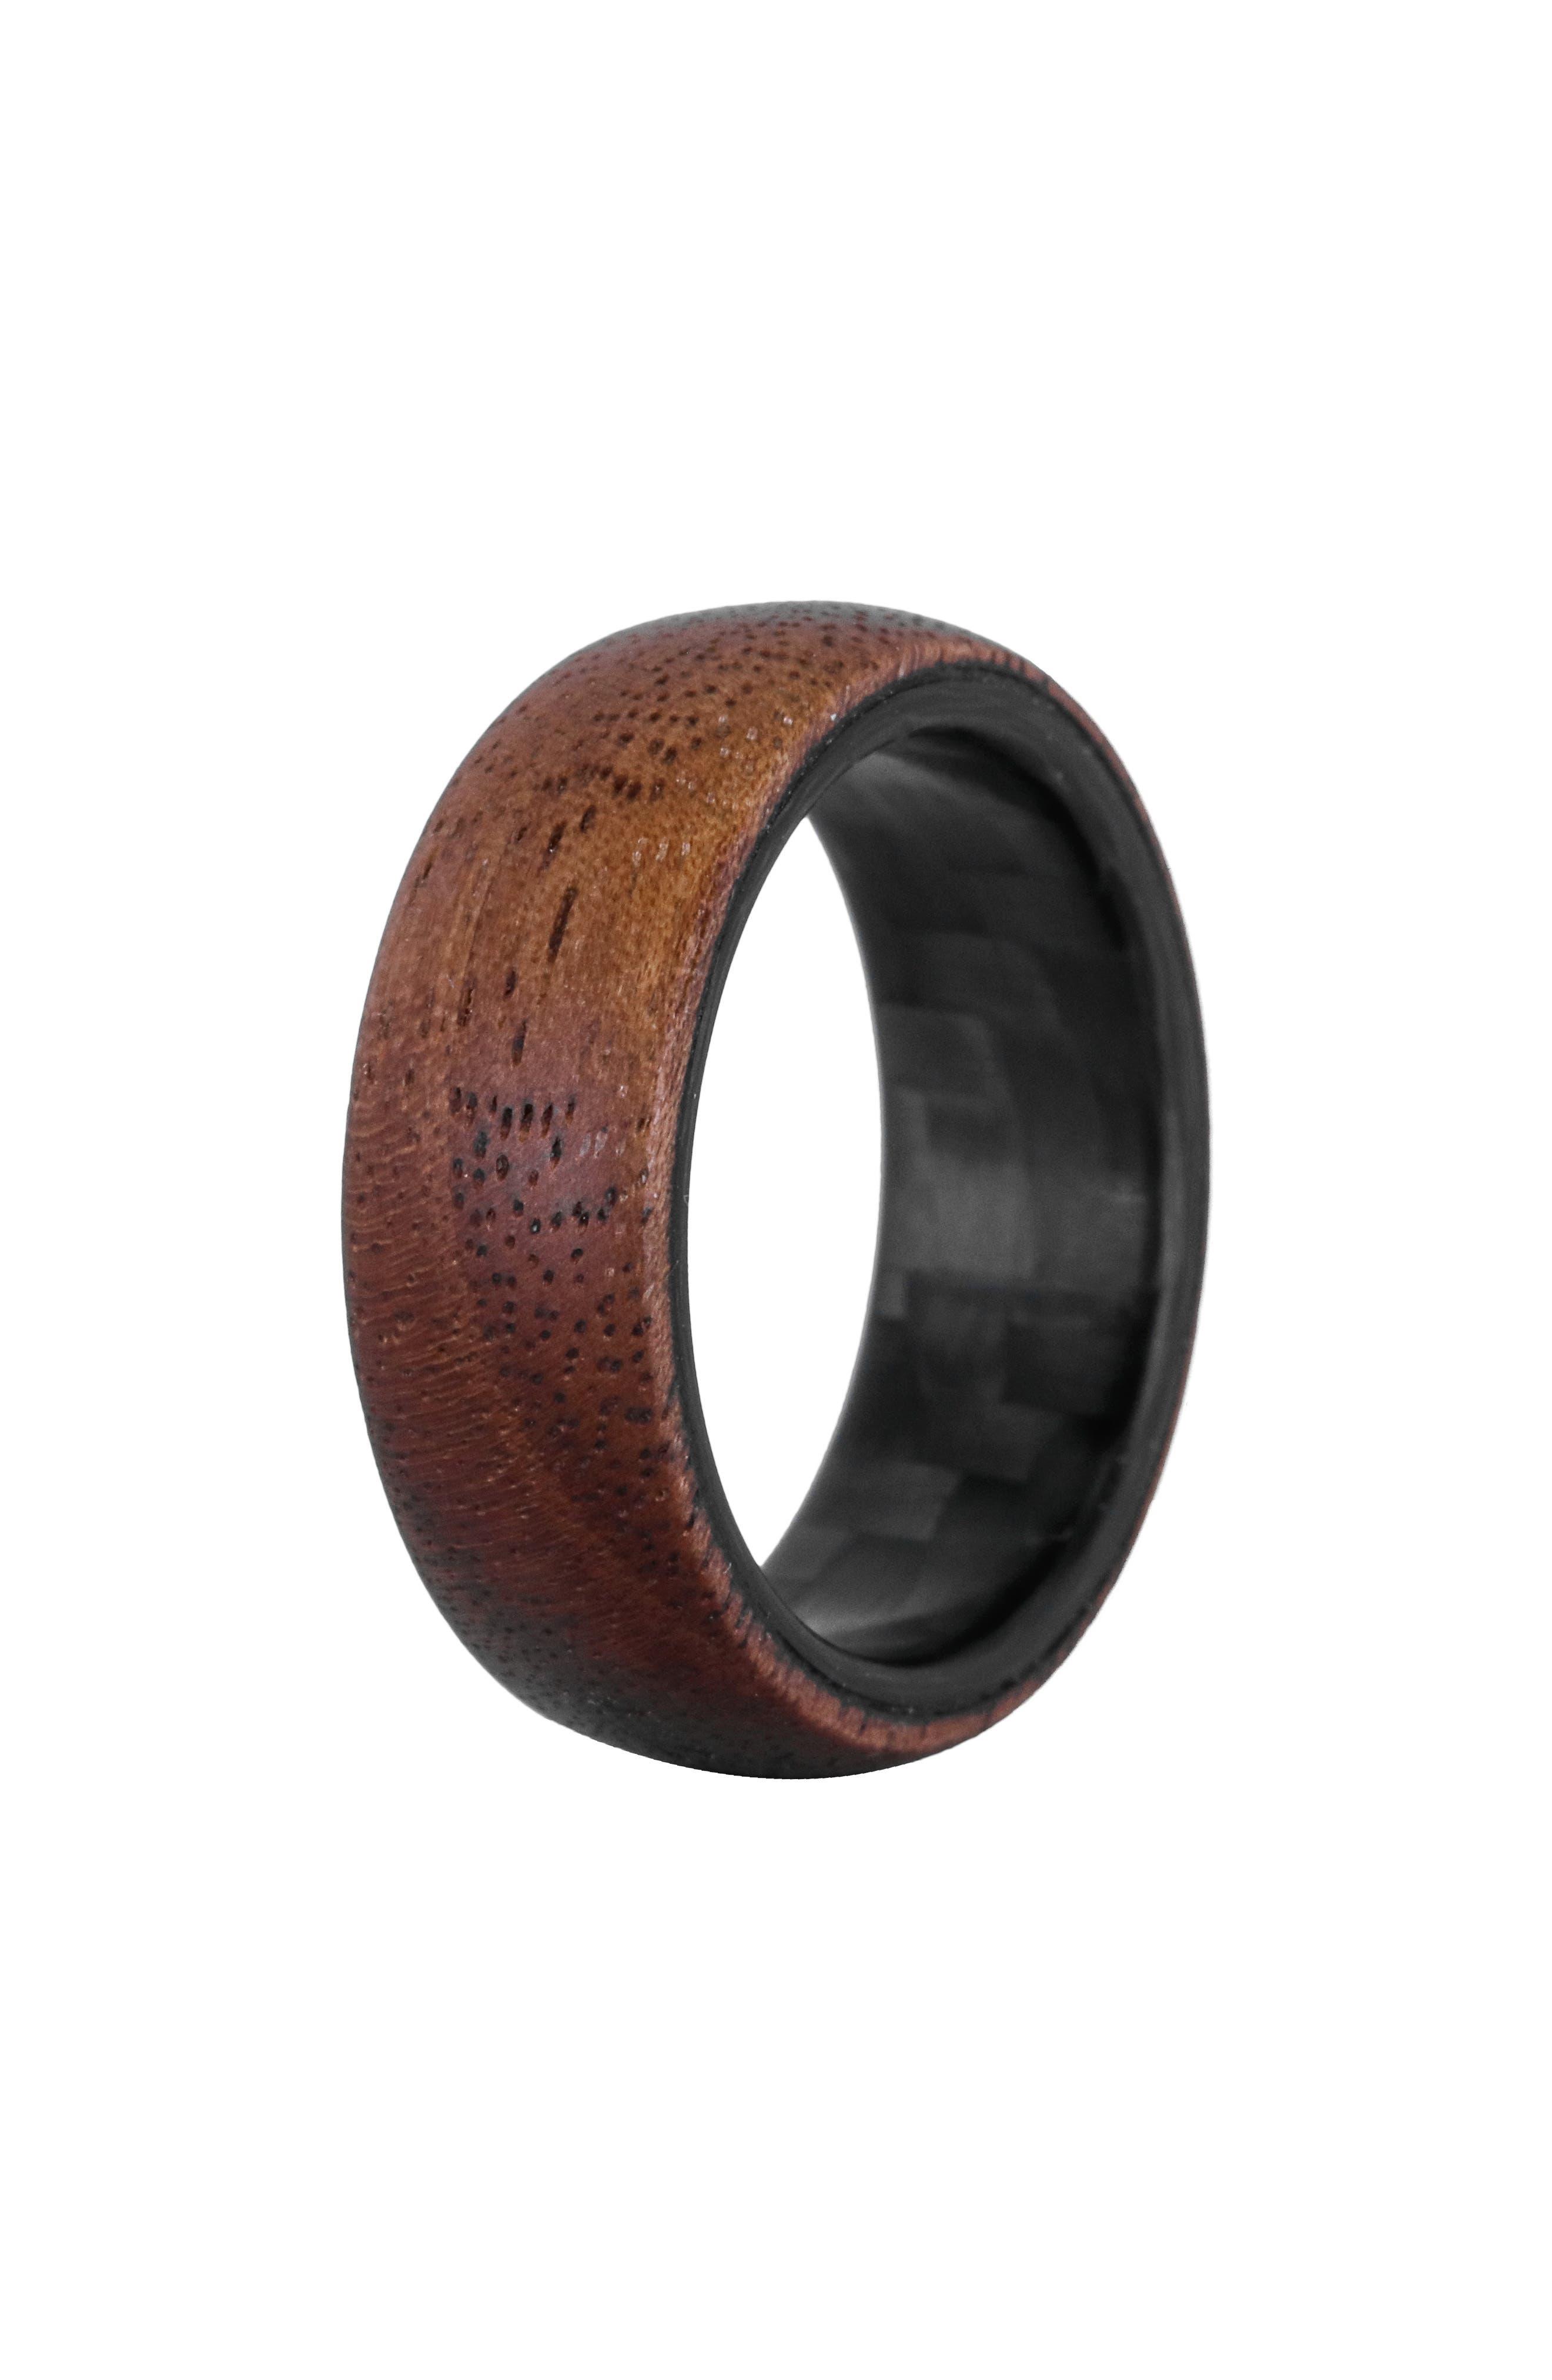 Walnut Wood & Carbon Fiber Ring